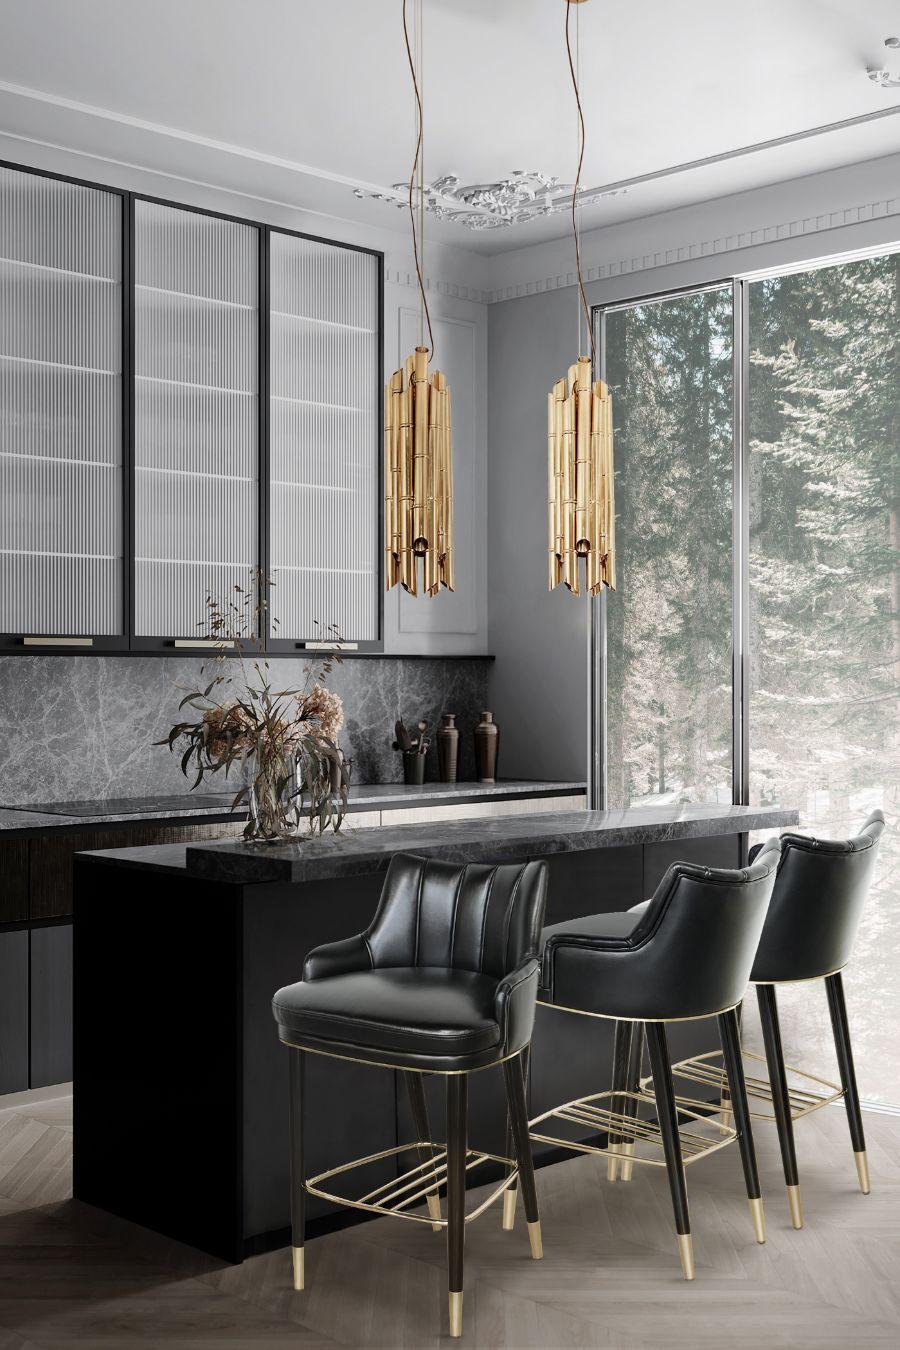 Modern Kitchen Design Ideas: Functional, Practical, Trendy & Timeless modern kitchen design ideas Modern Kitchen Design Ideas: Functional, Practical, Trendy & Timeless Modern Kitchen Design Ideas Functional Practical Trendy Timeless 8